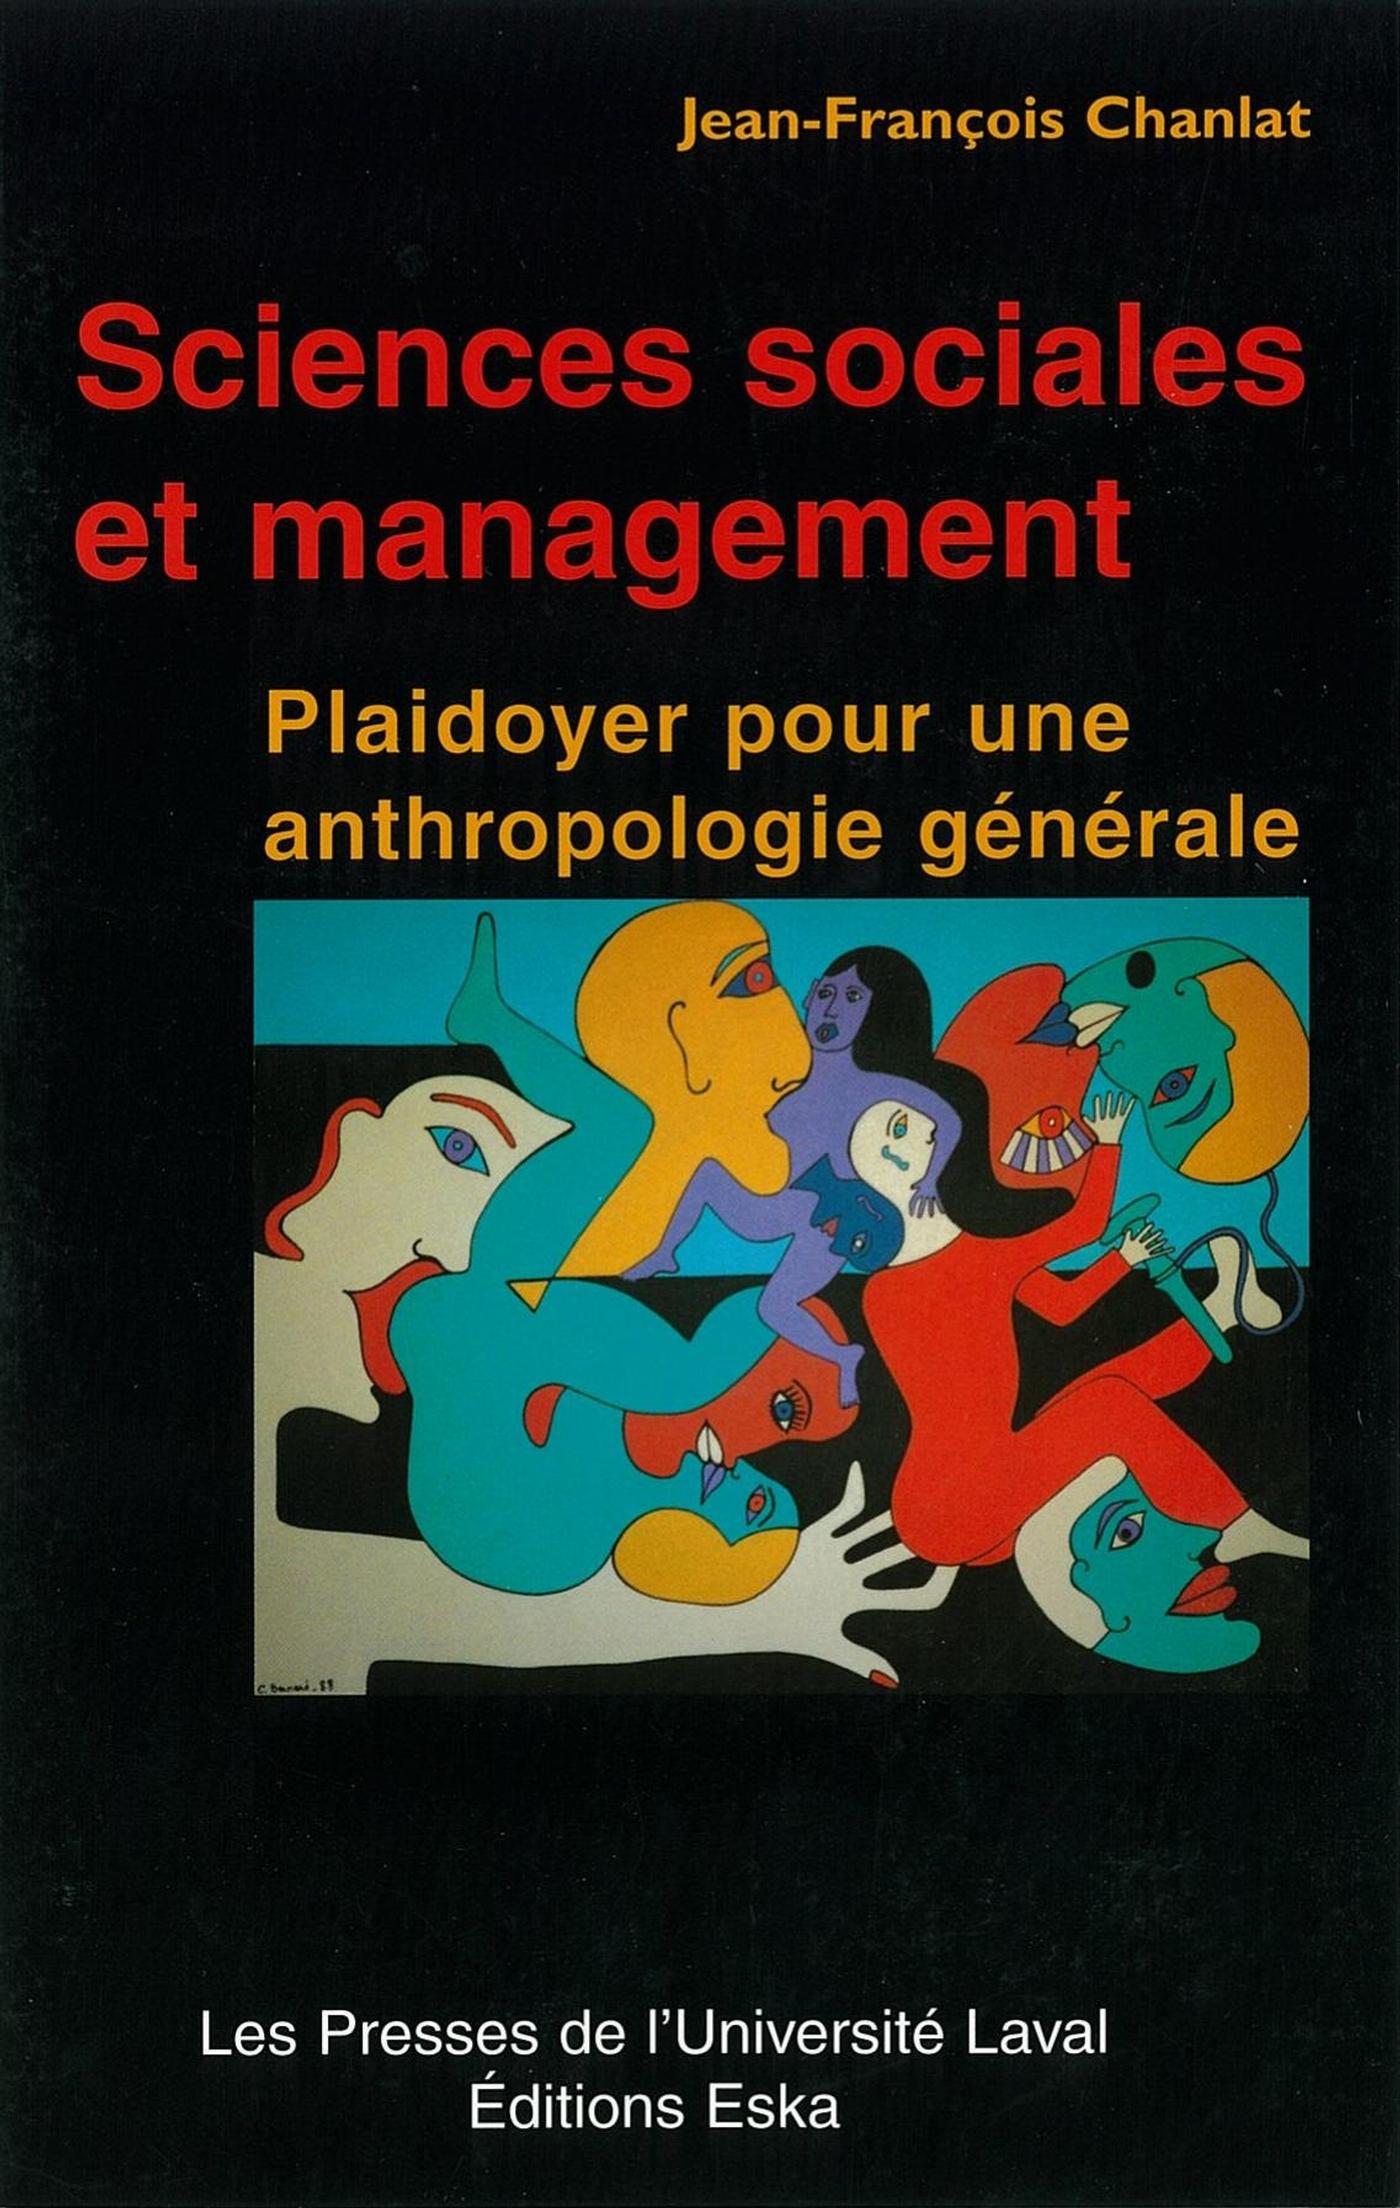 Sciences sociales et management, Plaidoyer pour une anthropologie générale